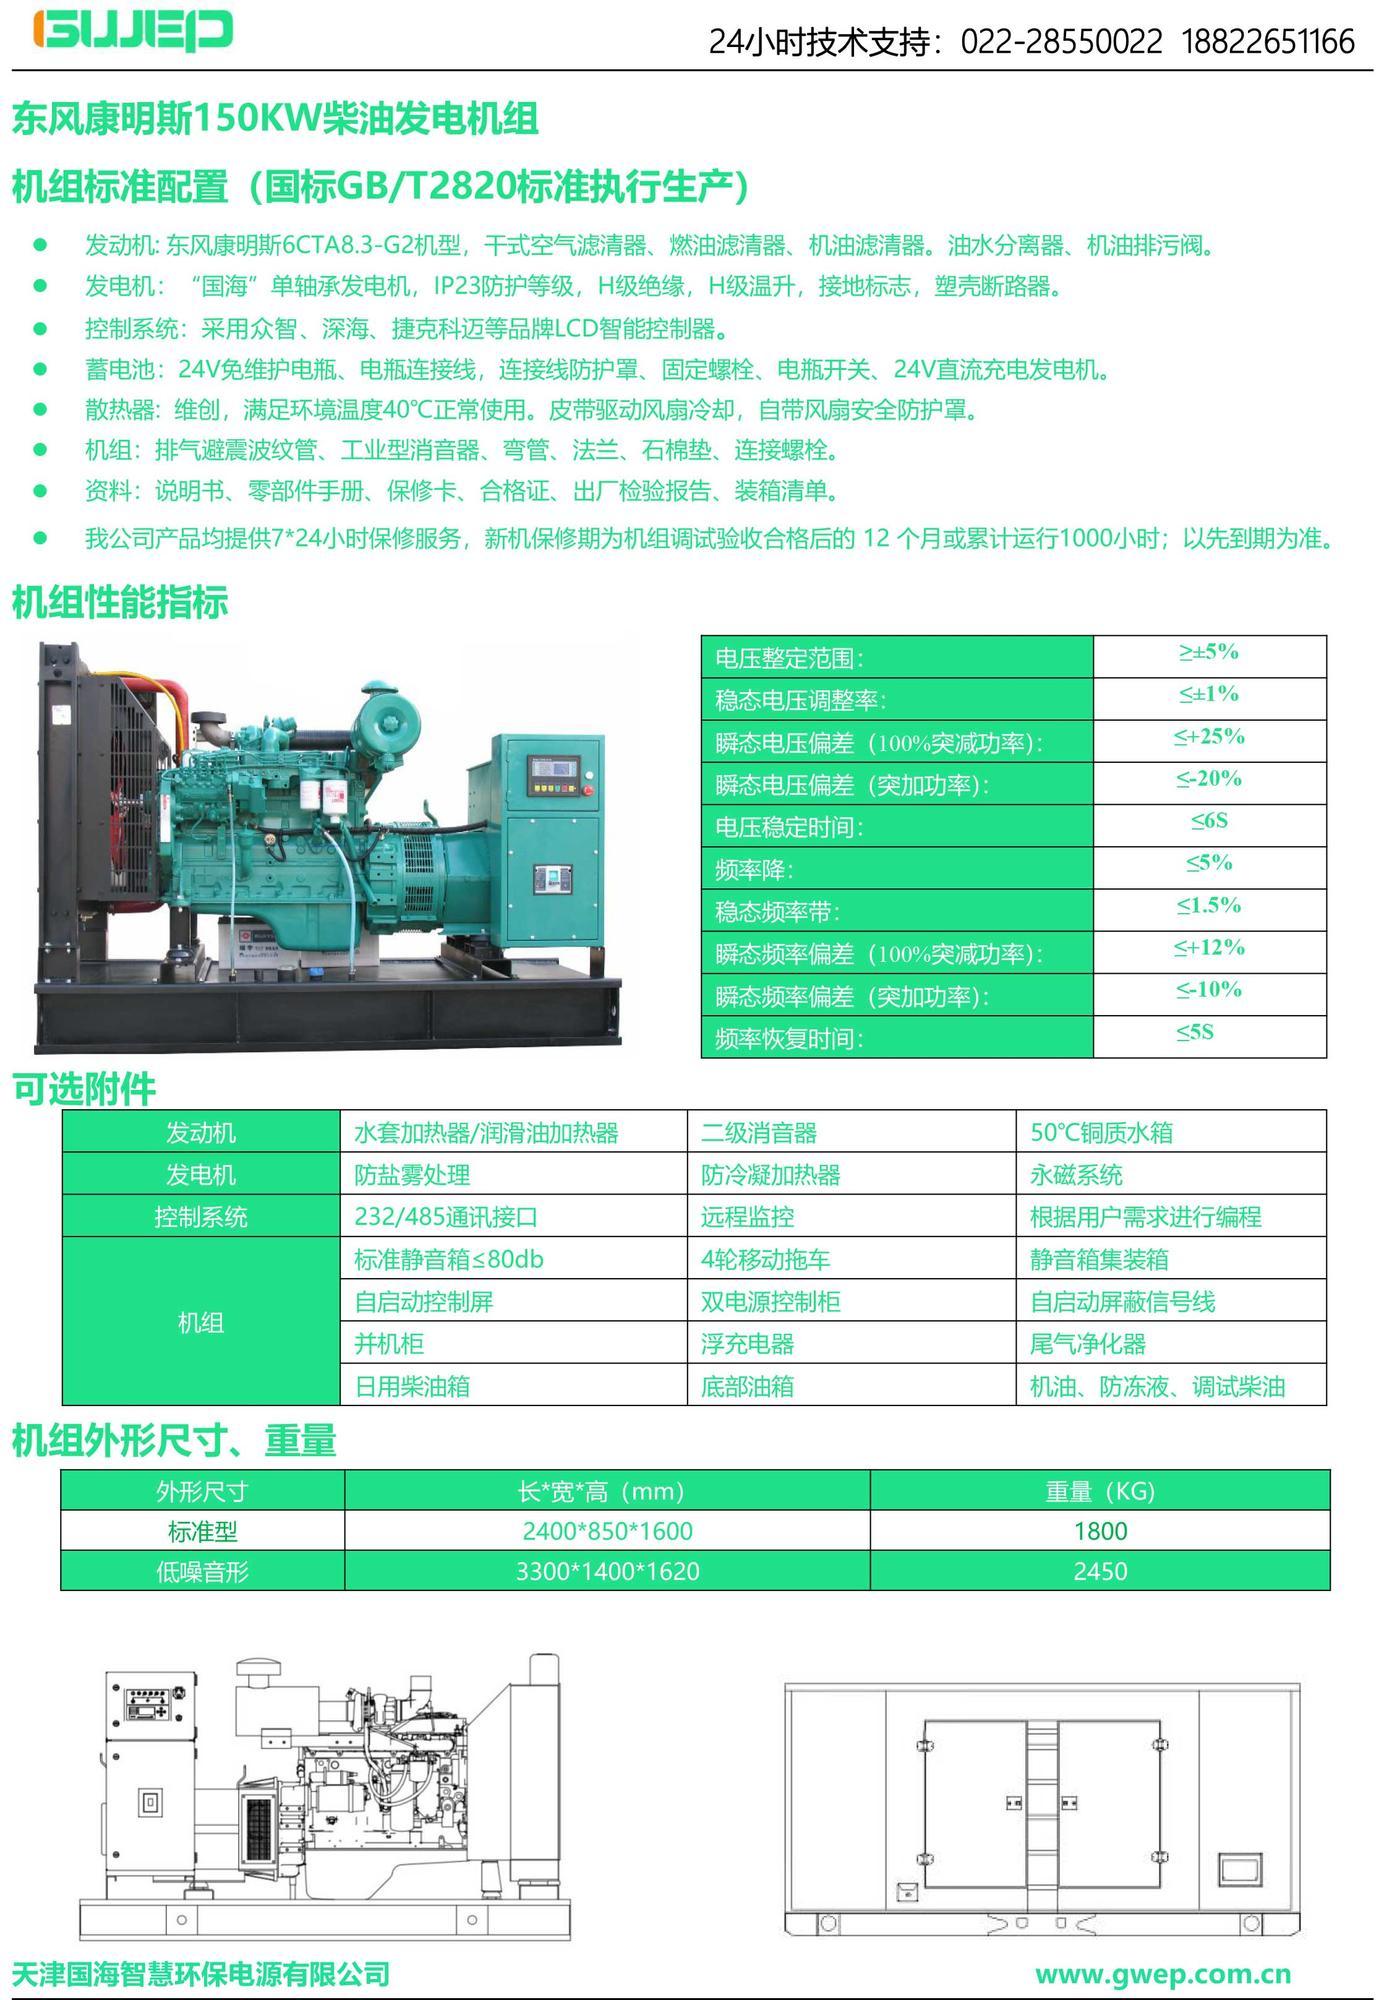 康明斯150KW发电机组技术资料-1.jpg